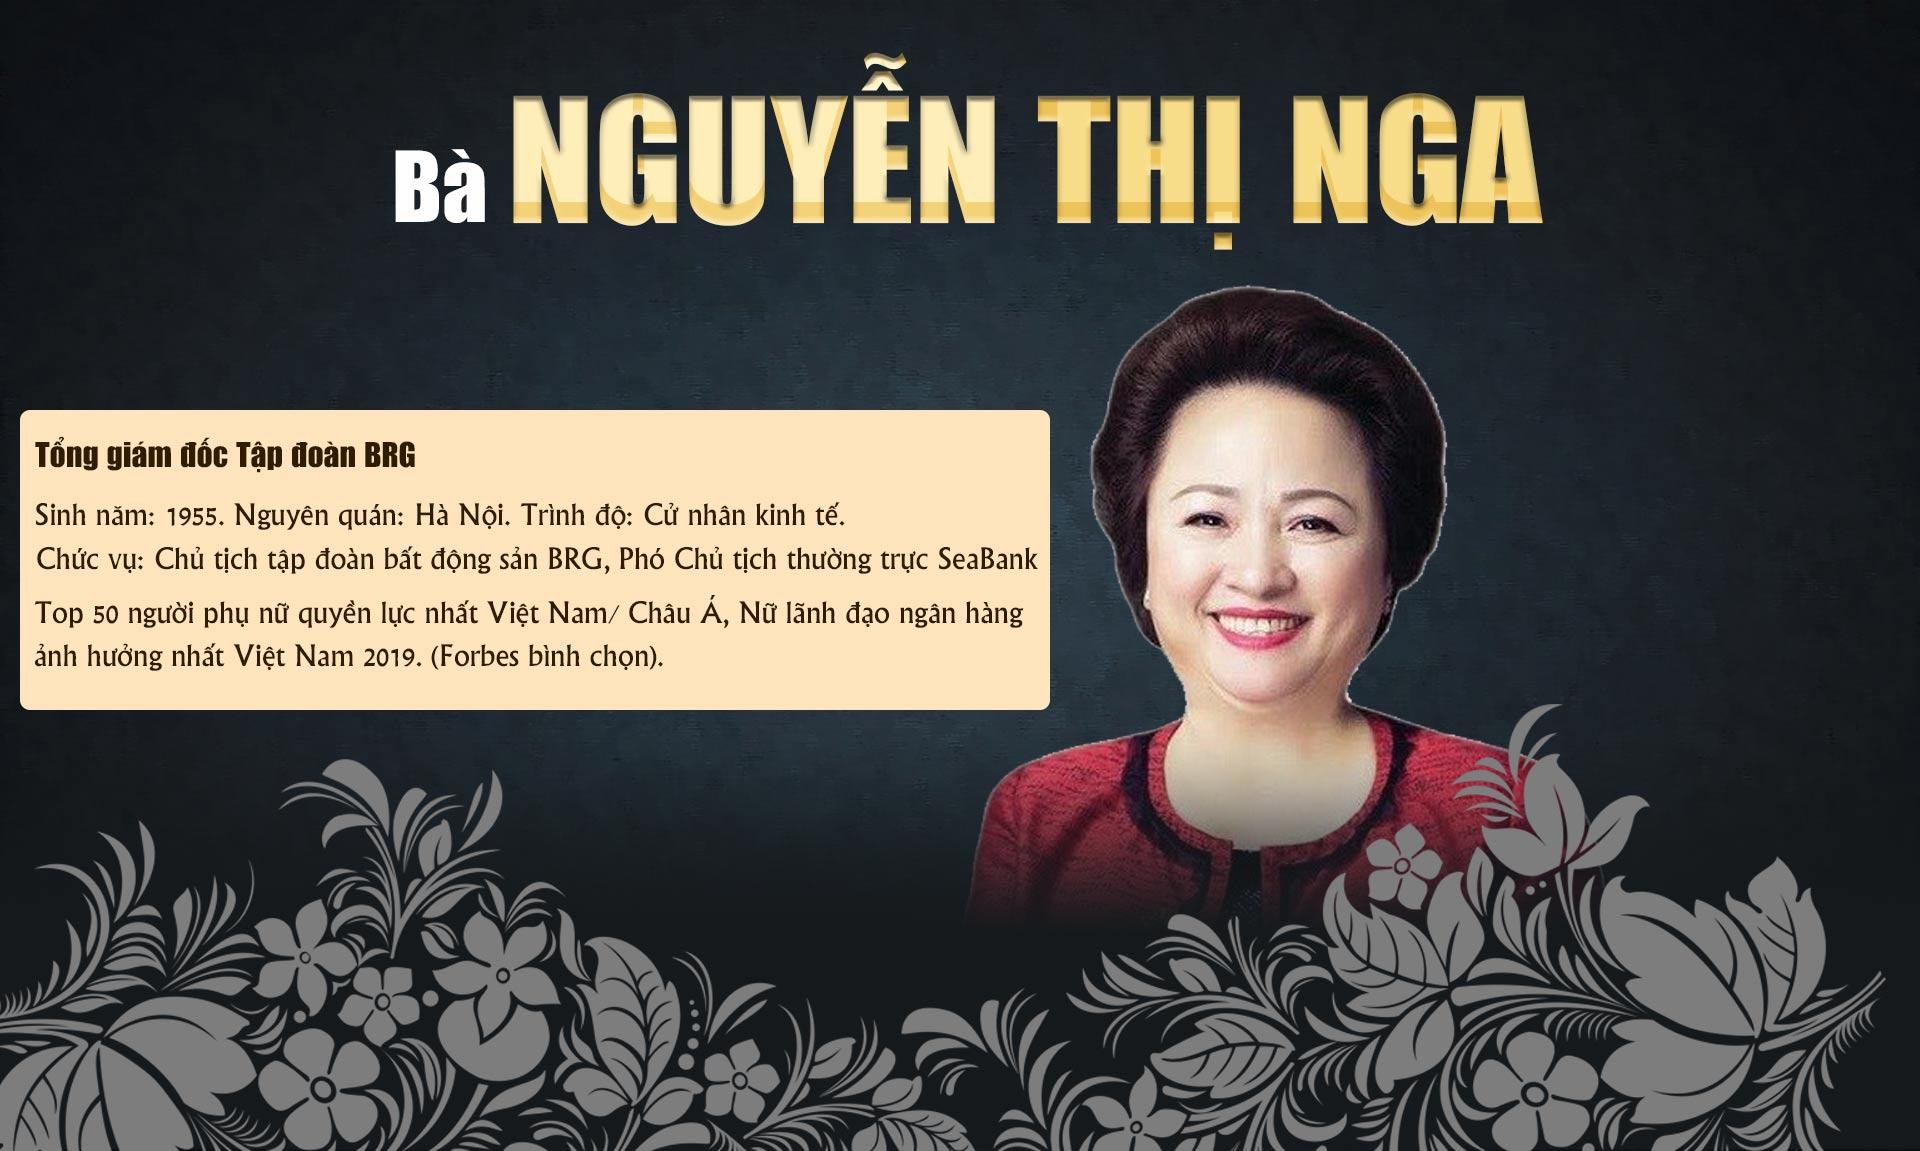 10 phụ nữ Việt gây choáng bởi sự giàu có, giỏi giang và quyền lực - 8